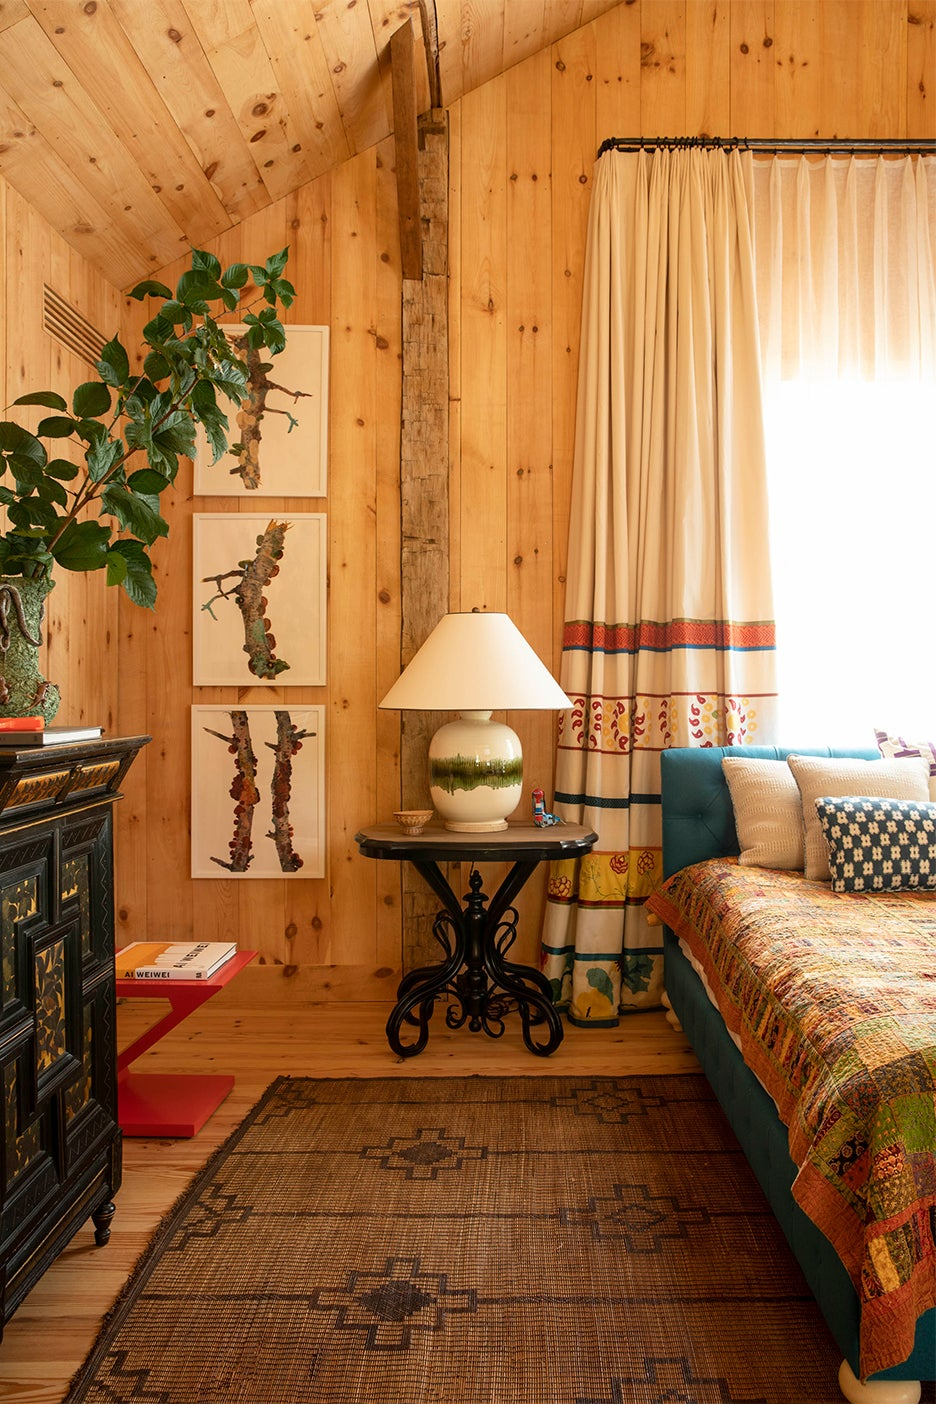 Wood-paneled bedroom